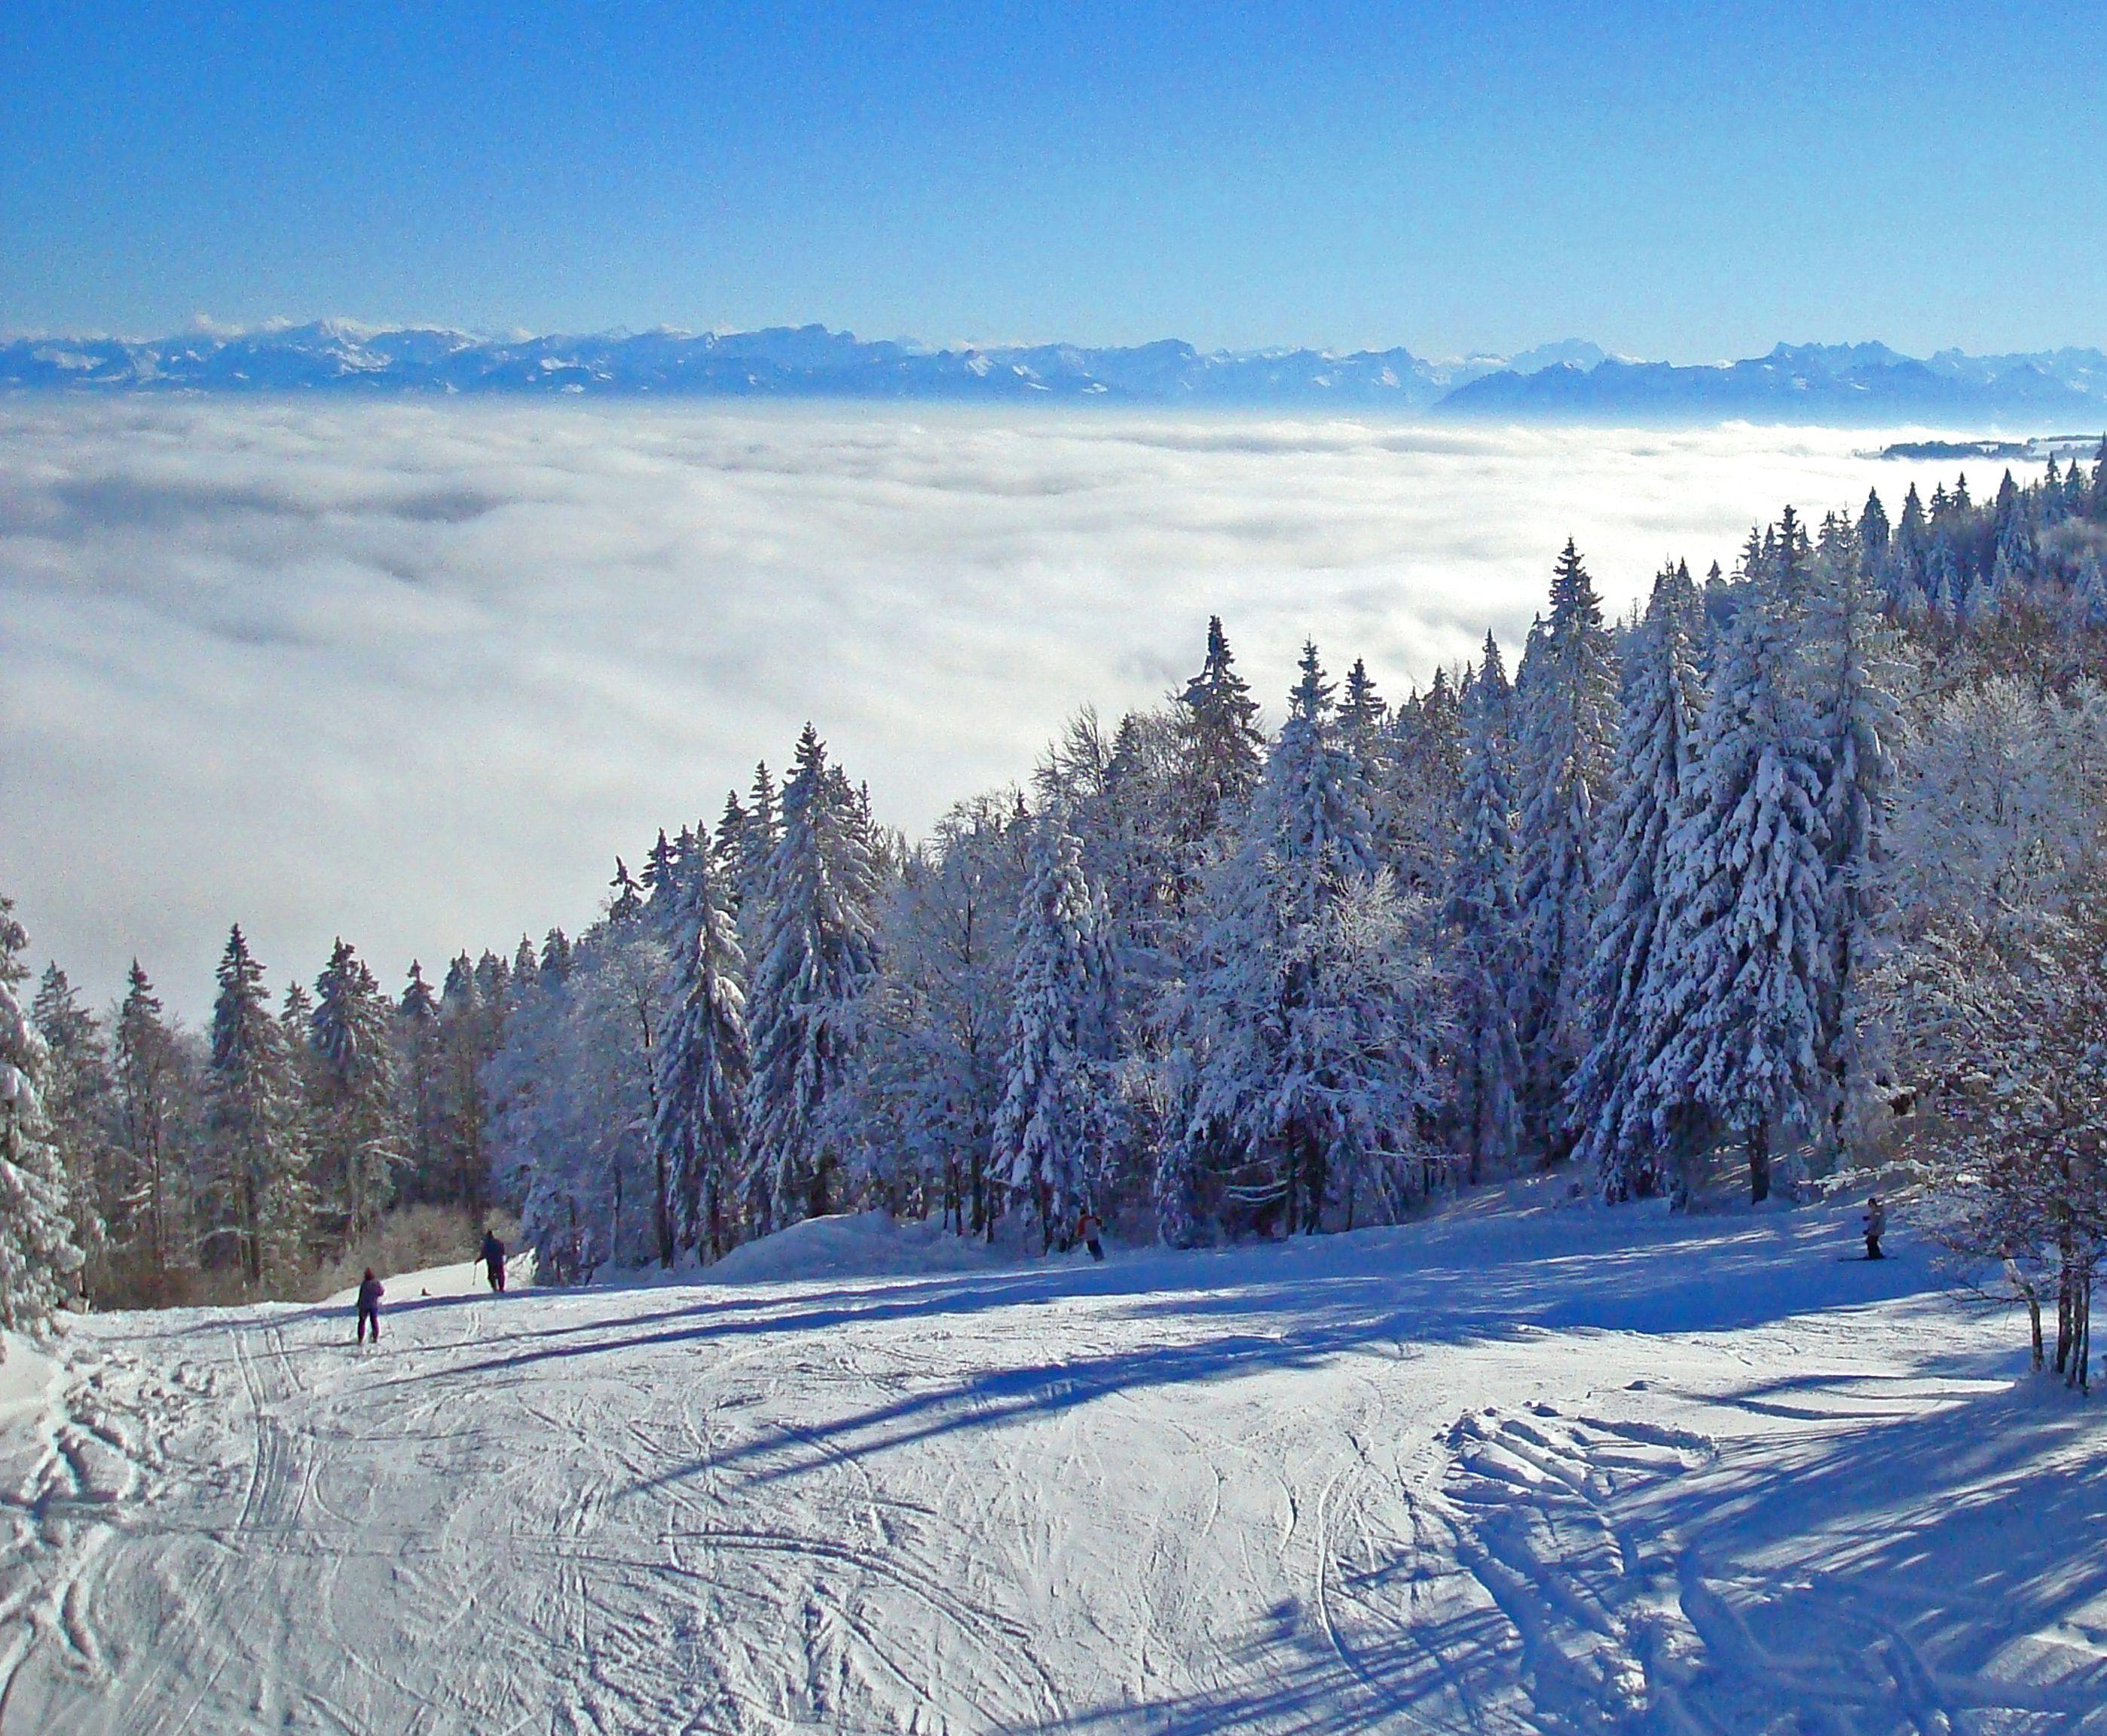 Ou Choisir Votre Location De Chalet Dans Le Jura Pour Les Vacances En 2020 Metabief Vacances Montagne Stations De Ski